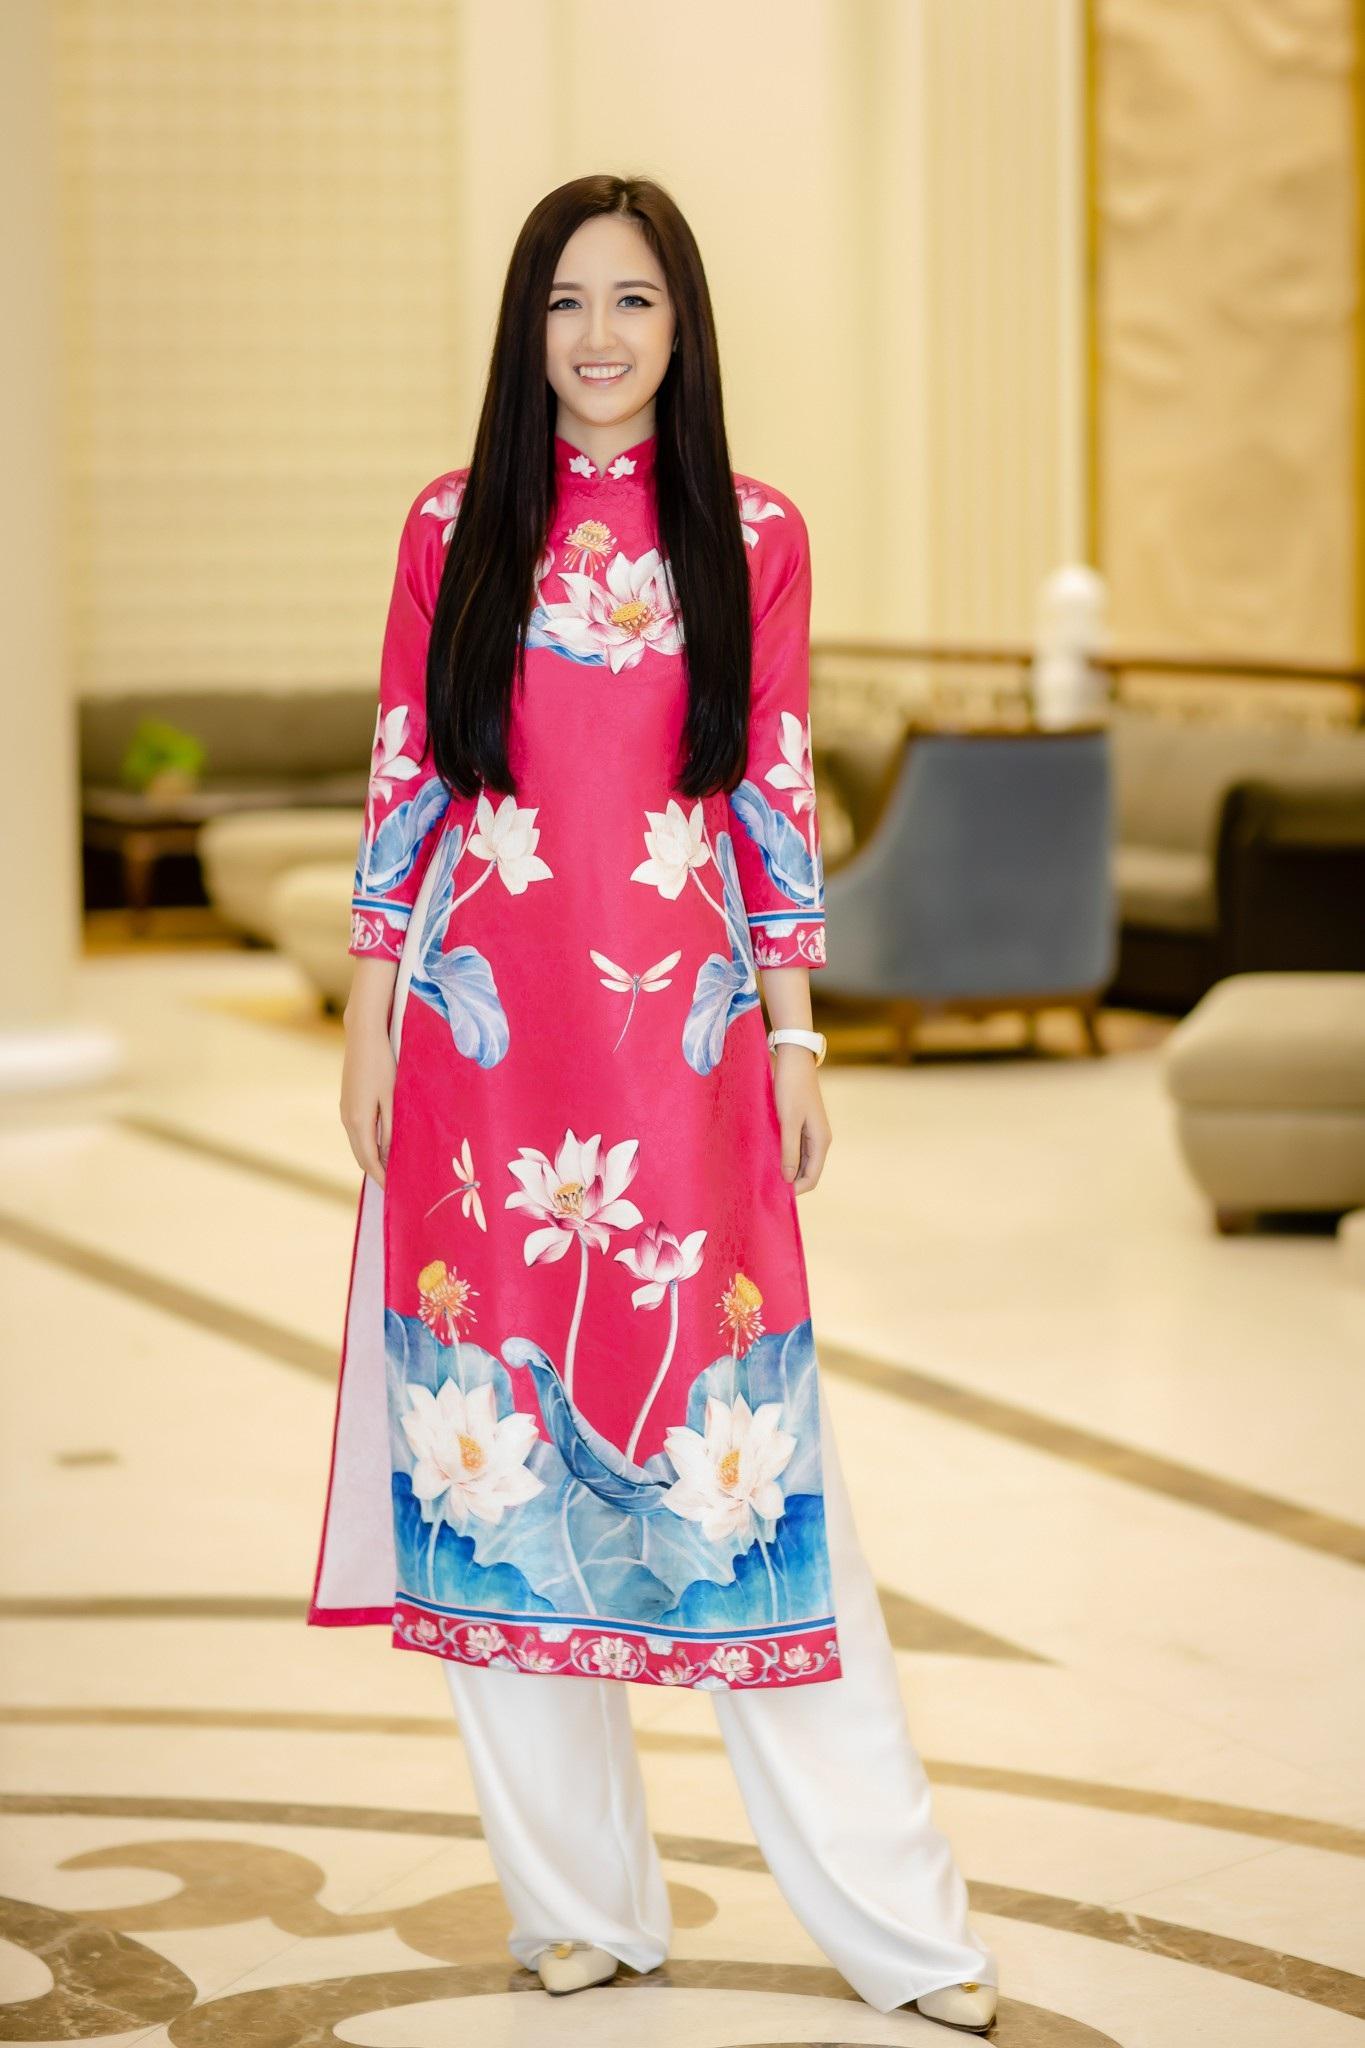 Cuộc sống sung túc, hot girl Tâm Tít sang chảnh không kém Hoa hậu Mai Phương Thuý - Ảnh 6.